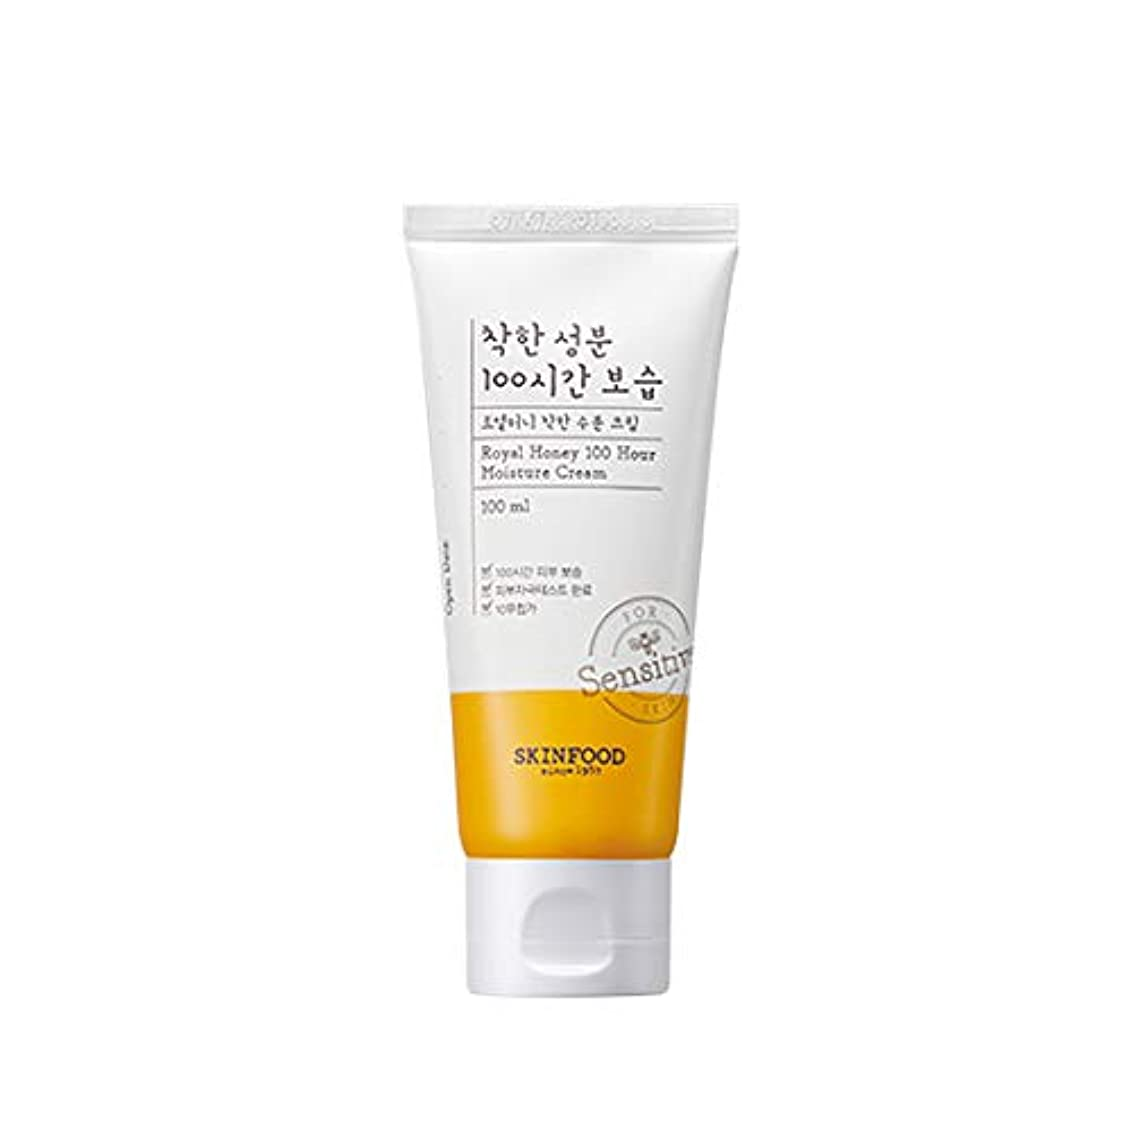 困難ハグ道徳Skinfood ロイヤルハニー100時間モイスチャークリーム / Royal Honey 100 Hour Moisture Cream 100ml [並行輸入品]